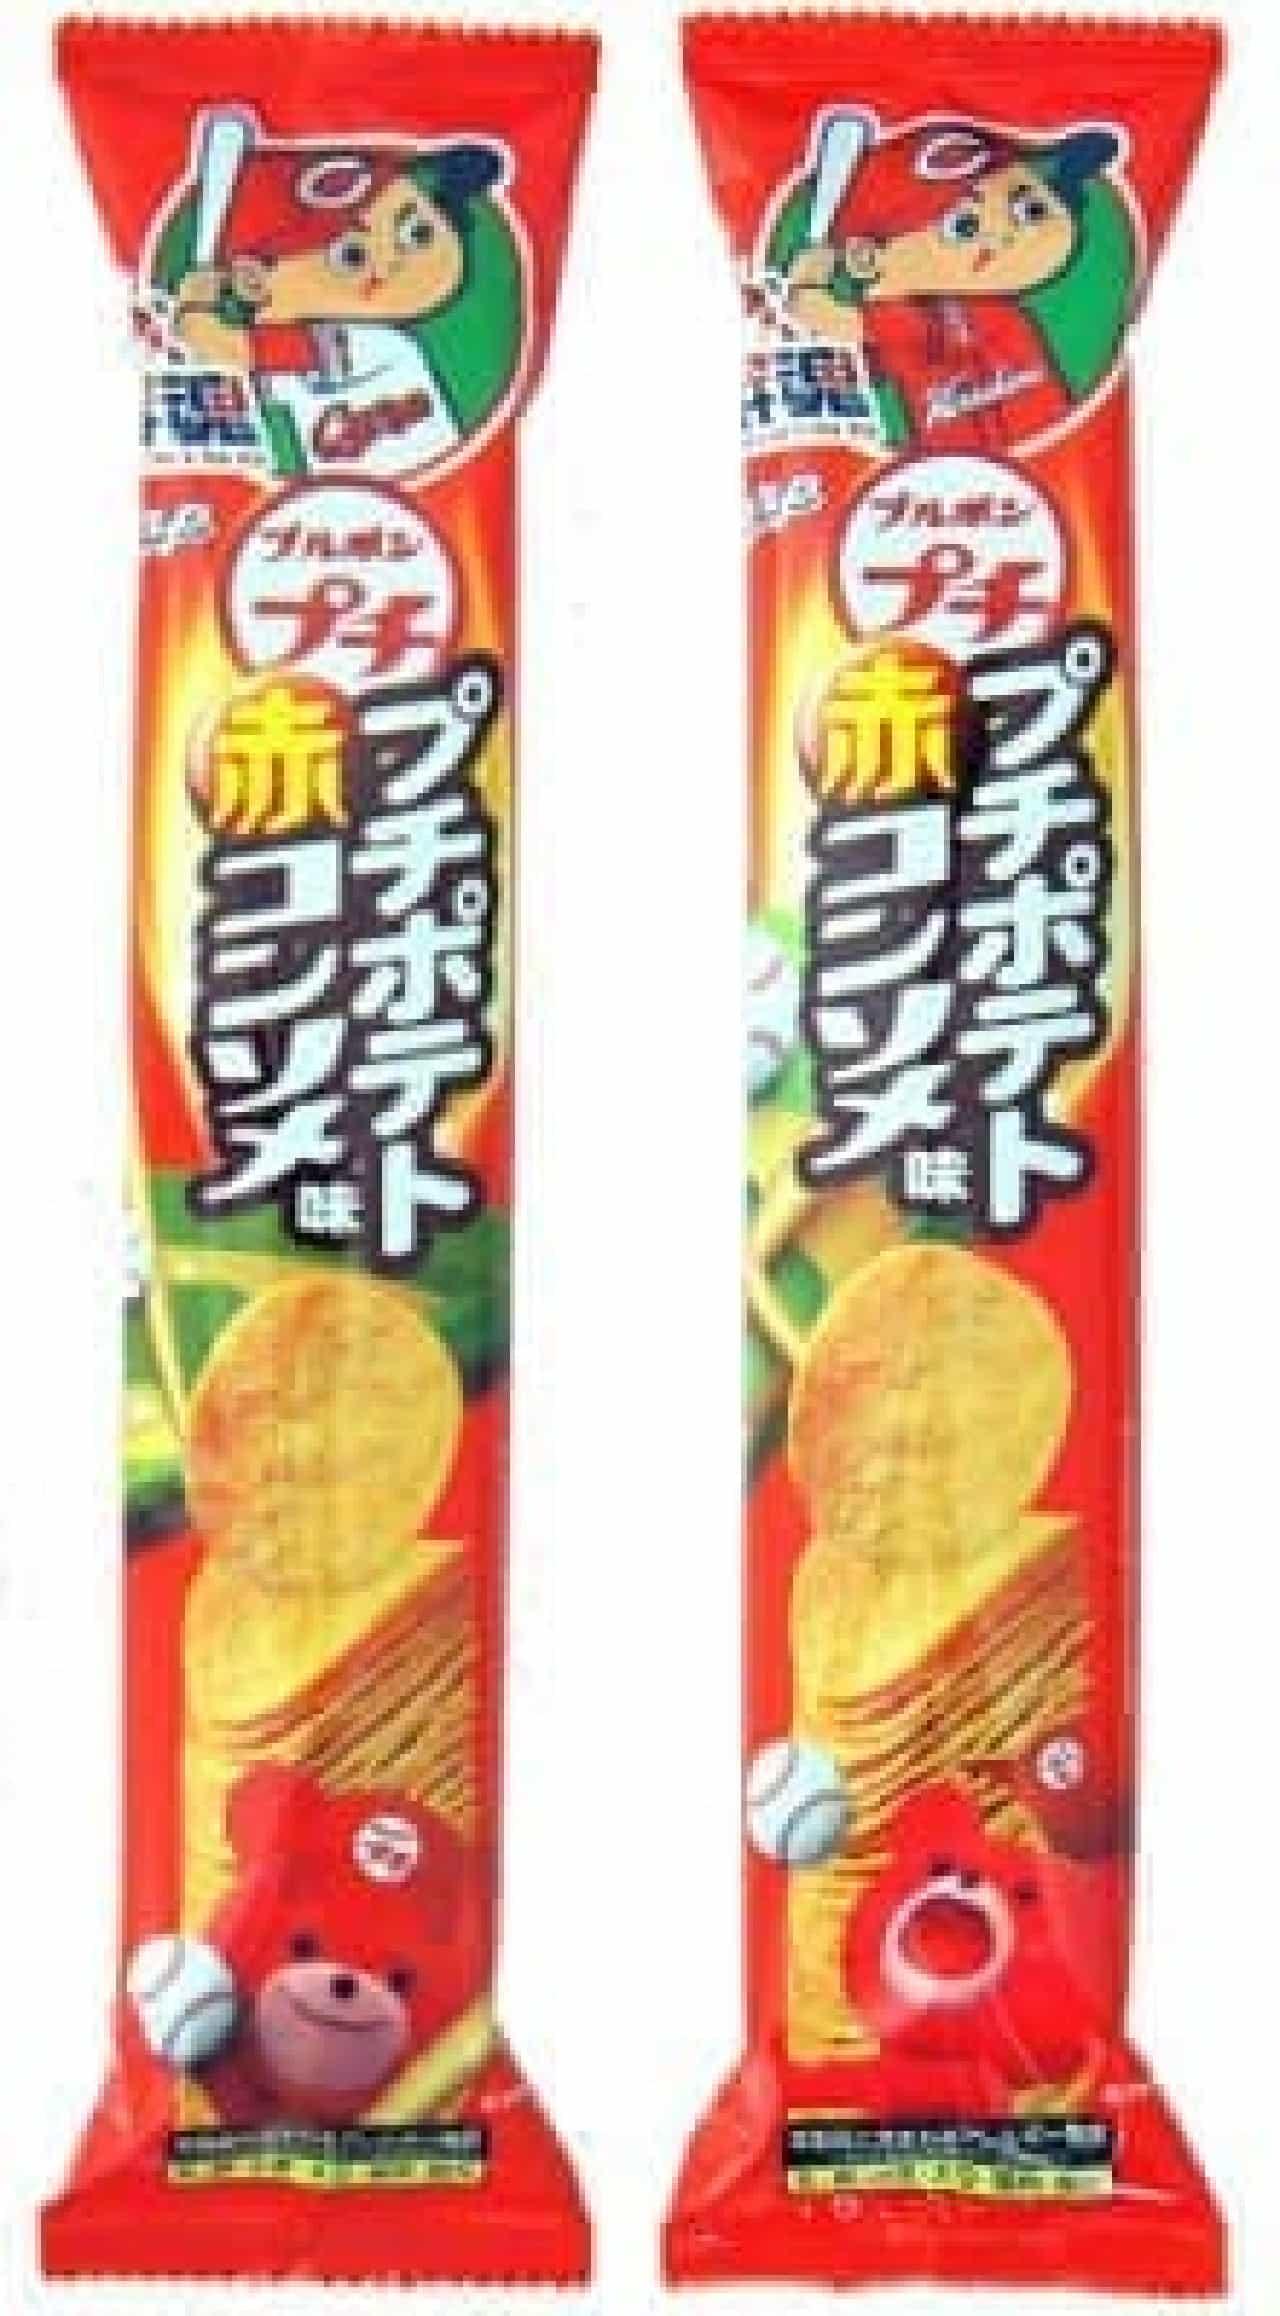 広島カープをイメージした「プチポテト 赤コンソメ味」